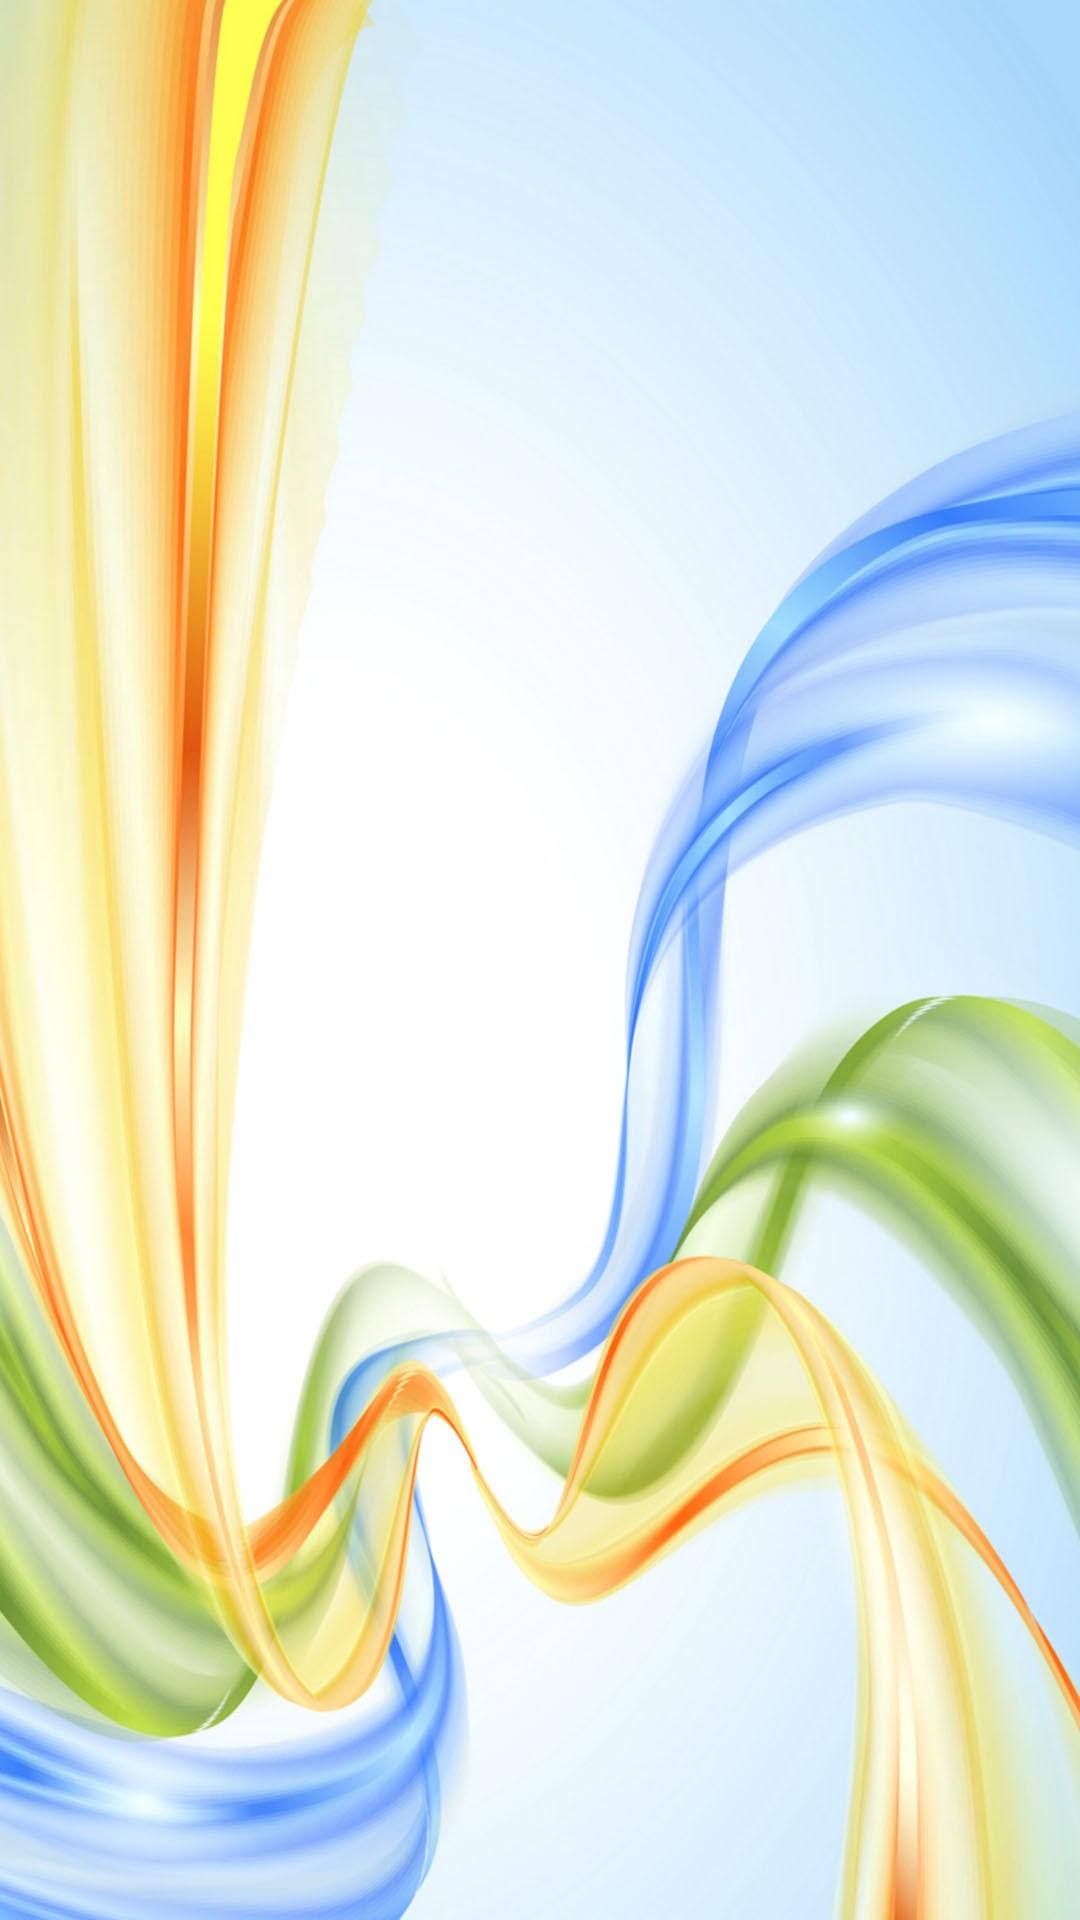 Download 550 Koleksi Background Blue Orange Green HD Terbaru